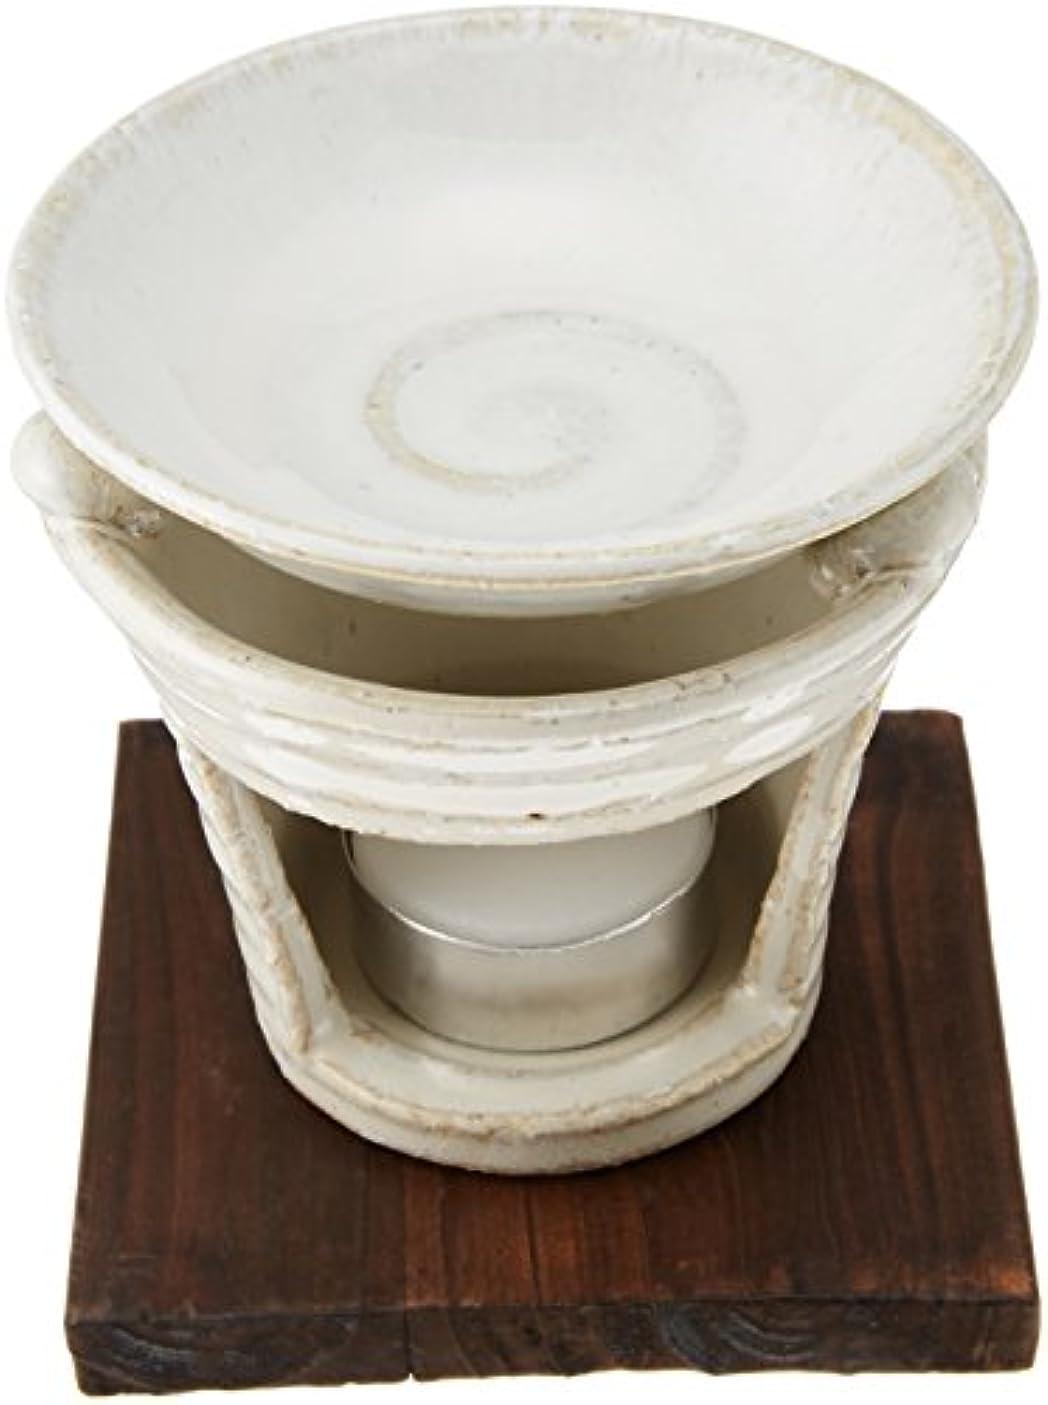 系譜ジュース段階香炉 茶香炉 白萩 [H10cm] プレゼント ギフト 和食器 かわいい インテリア